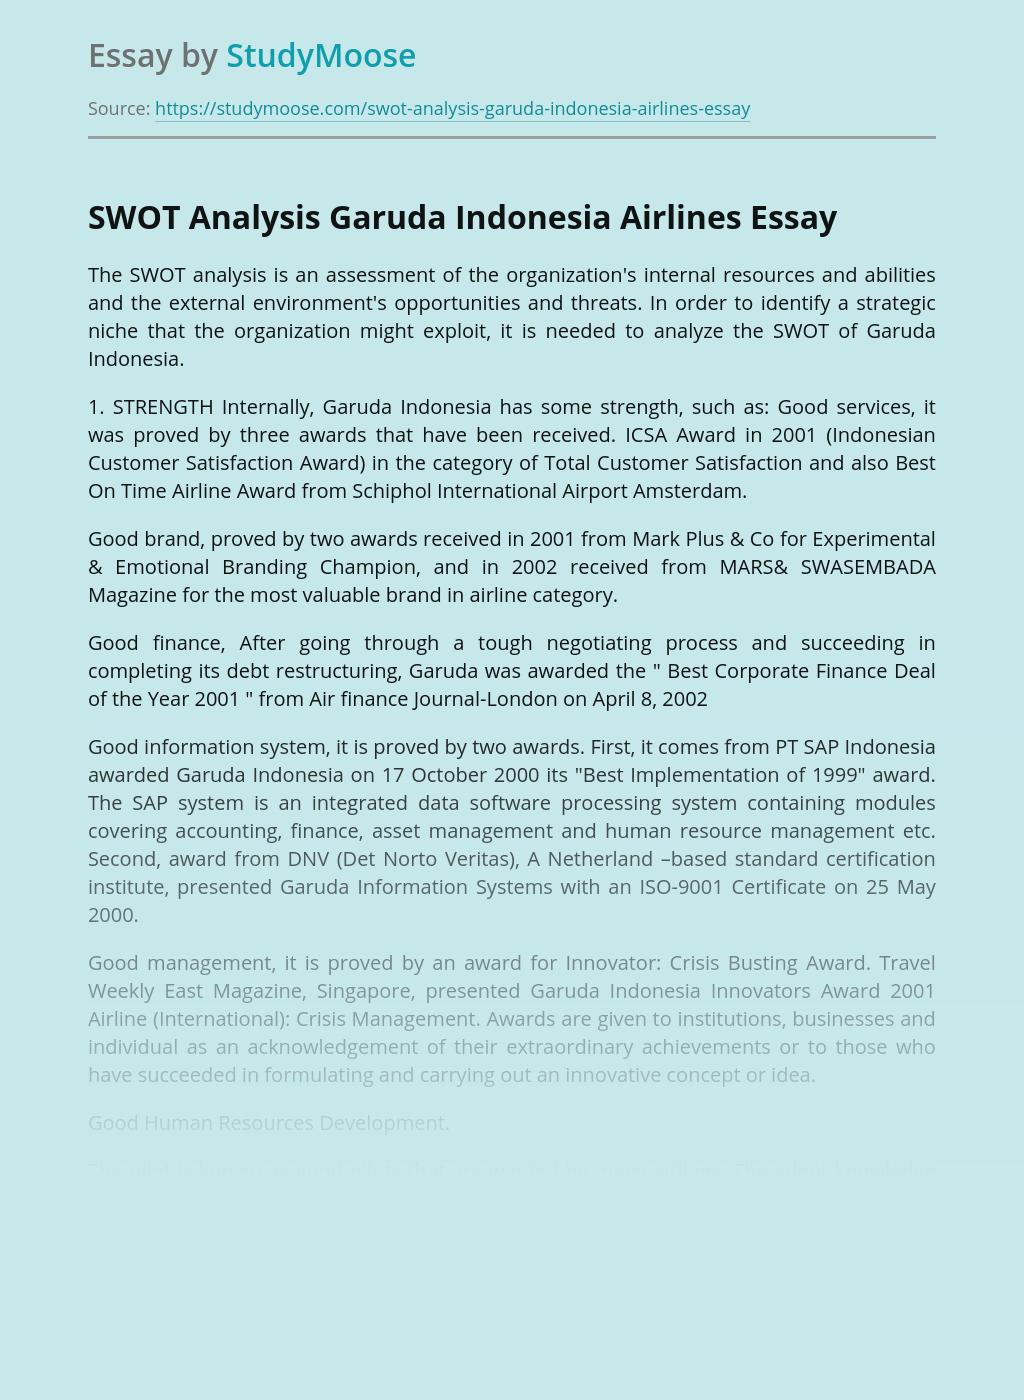 SWOT Analysis Garuda Indonesia Airlines